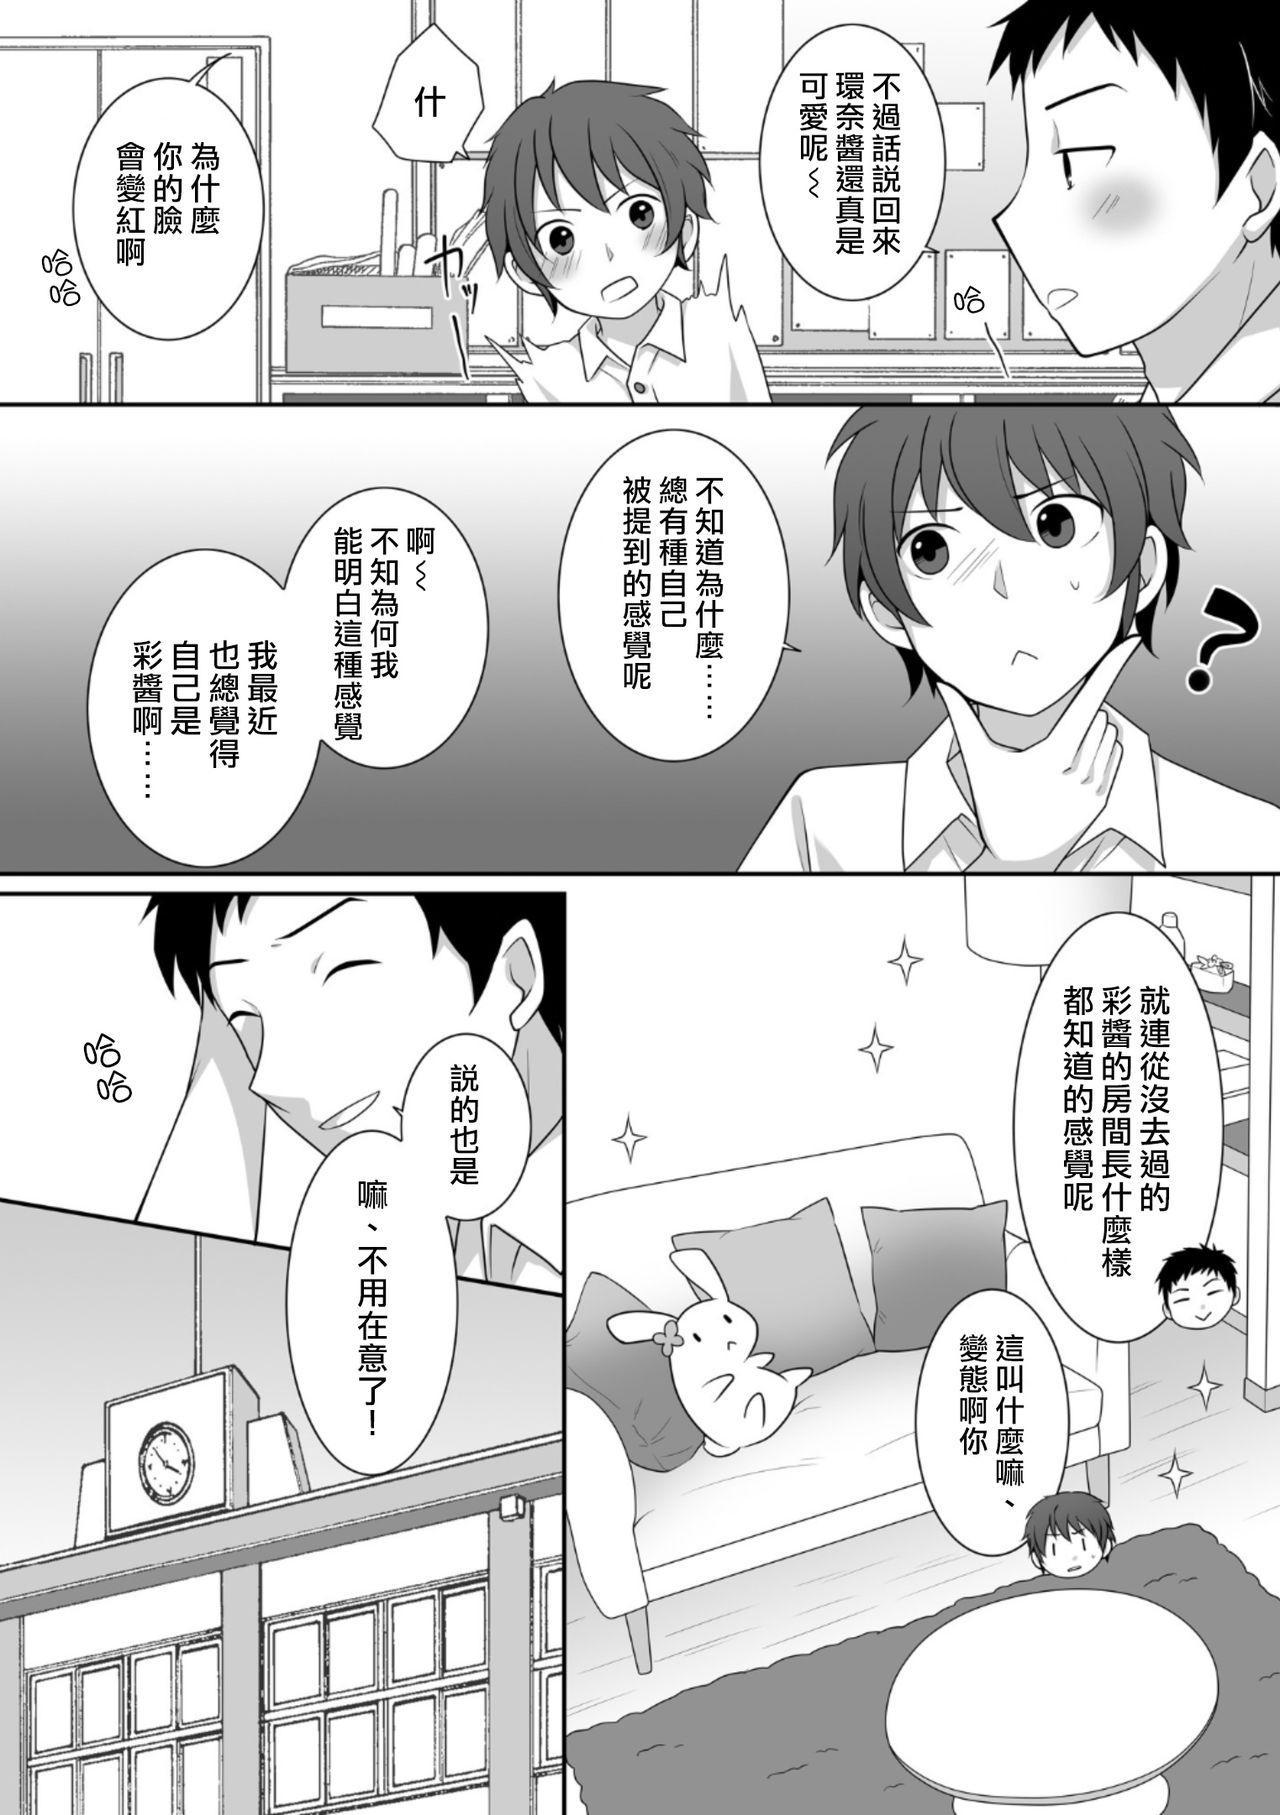 Joshi ni Hyoui shita Ore to Date shiyo! 27